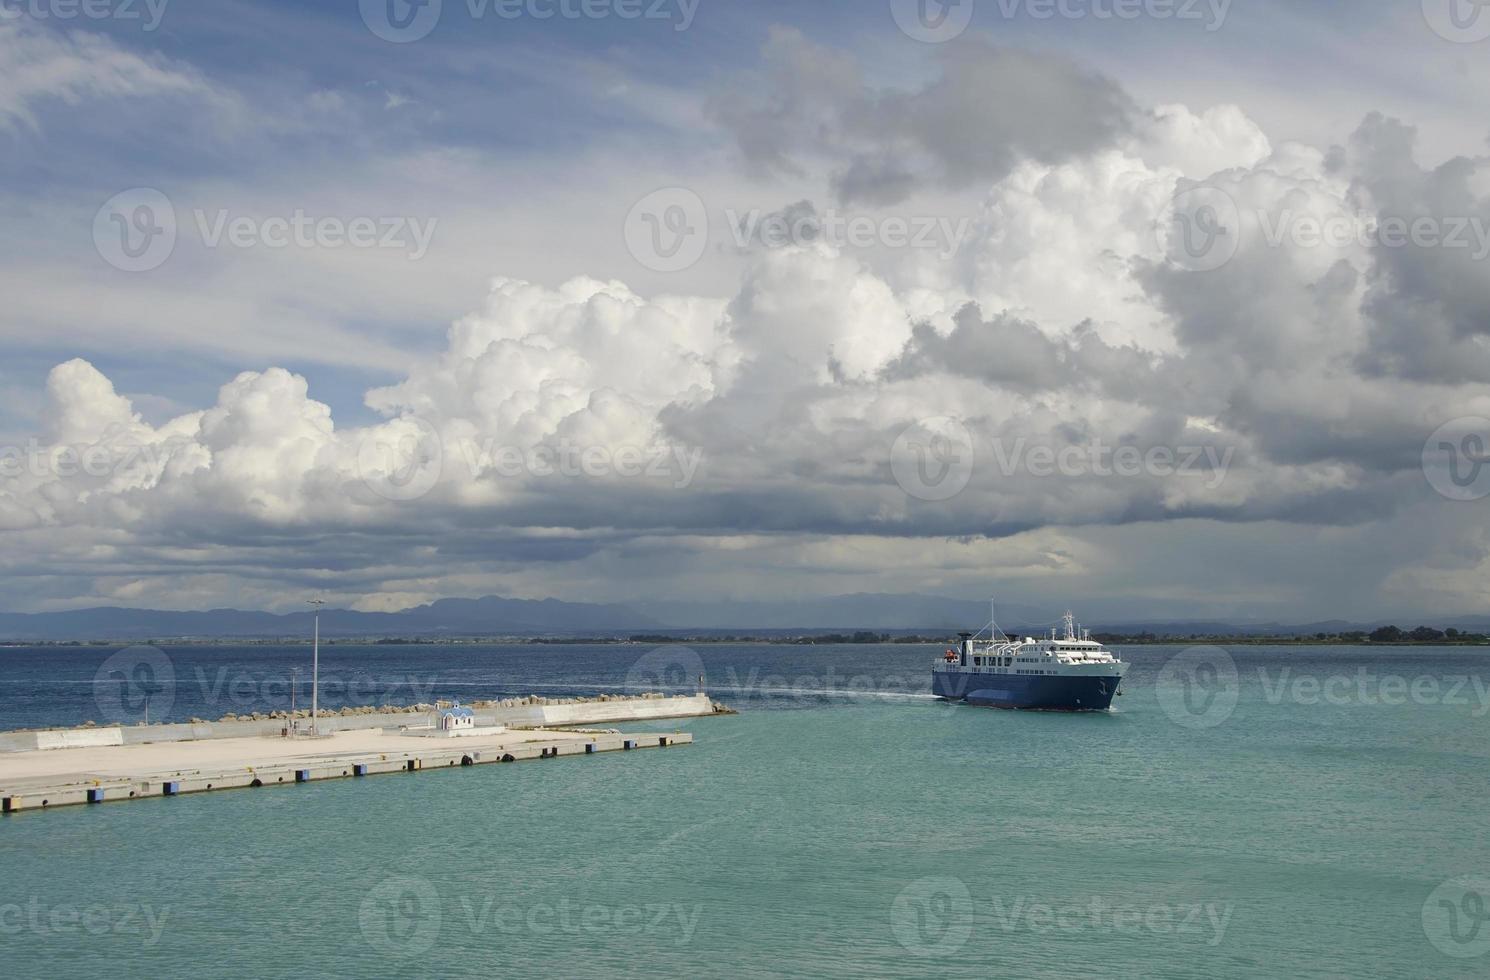 färja återvänder till hamnen foto